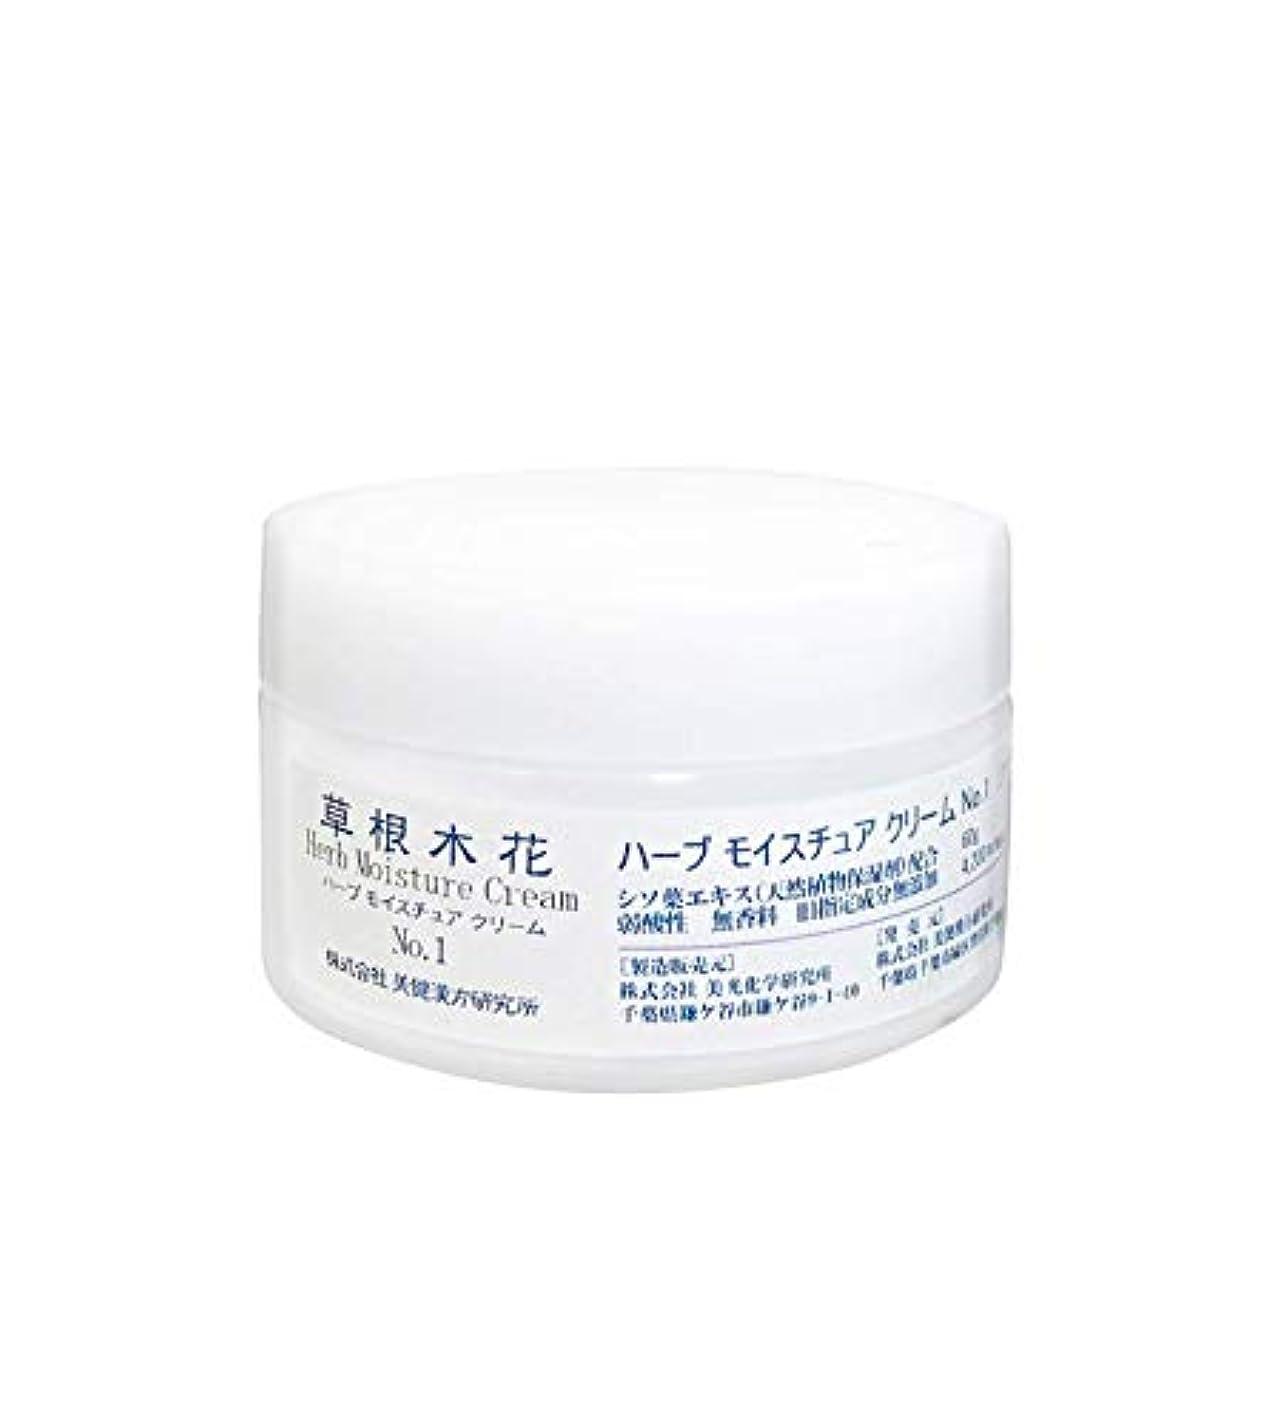 ふりをする価格暗記する「草根木花 ハーブモイスチュアクリームNo.1 (紫蘇クリーム)」  乾燥肌?敏感肌にシソエキス  シェアドコスメ(男女兼用化粧品)